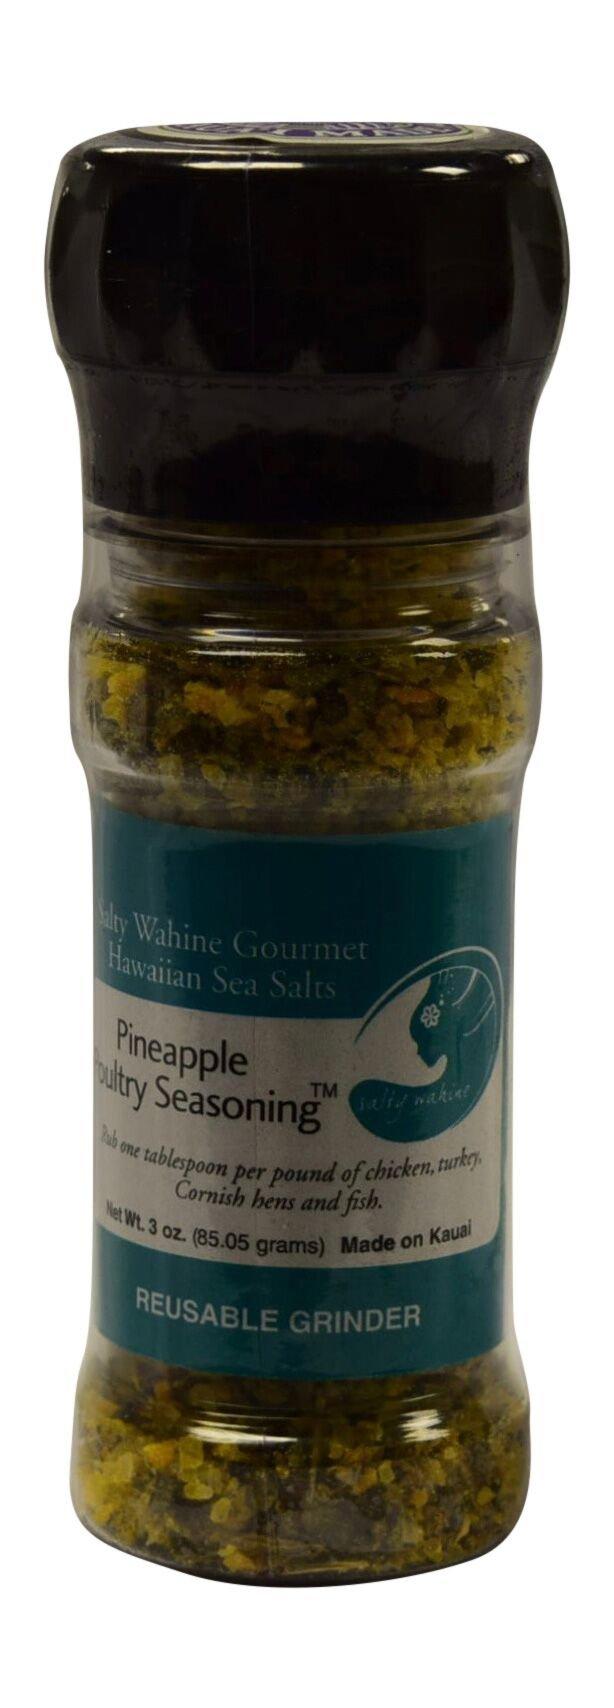 Salty Wahine Pineapple Poultry Seasoning